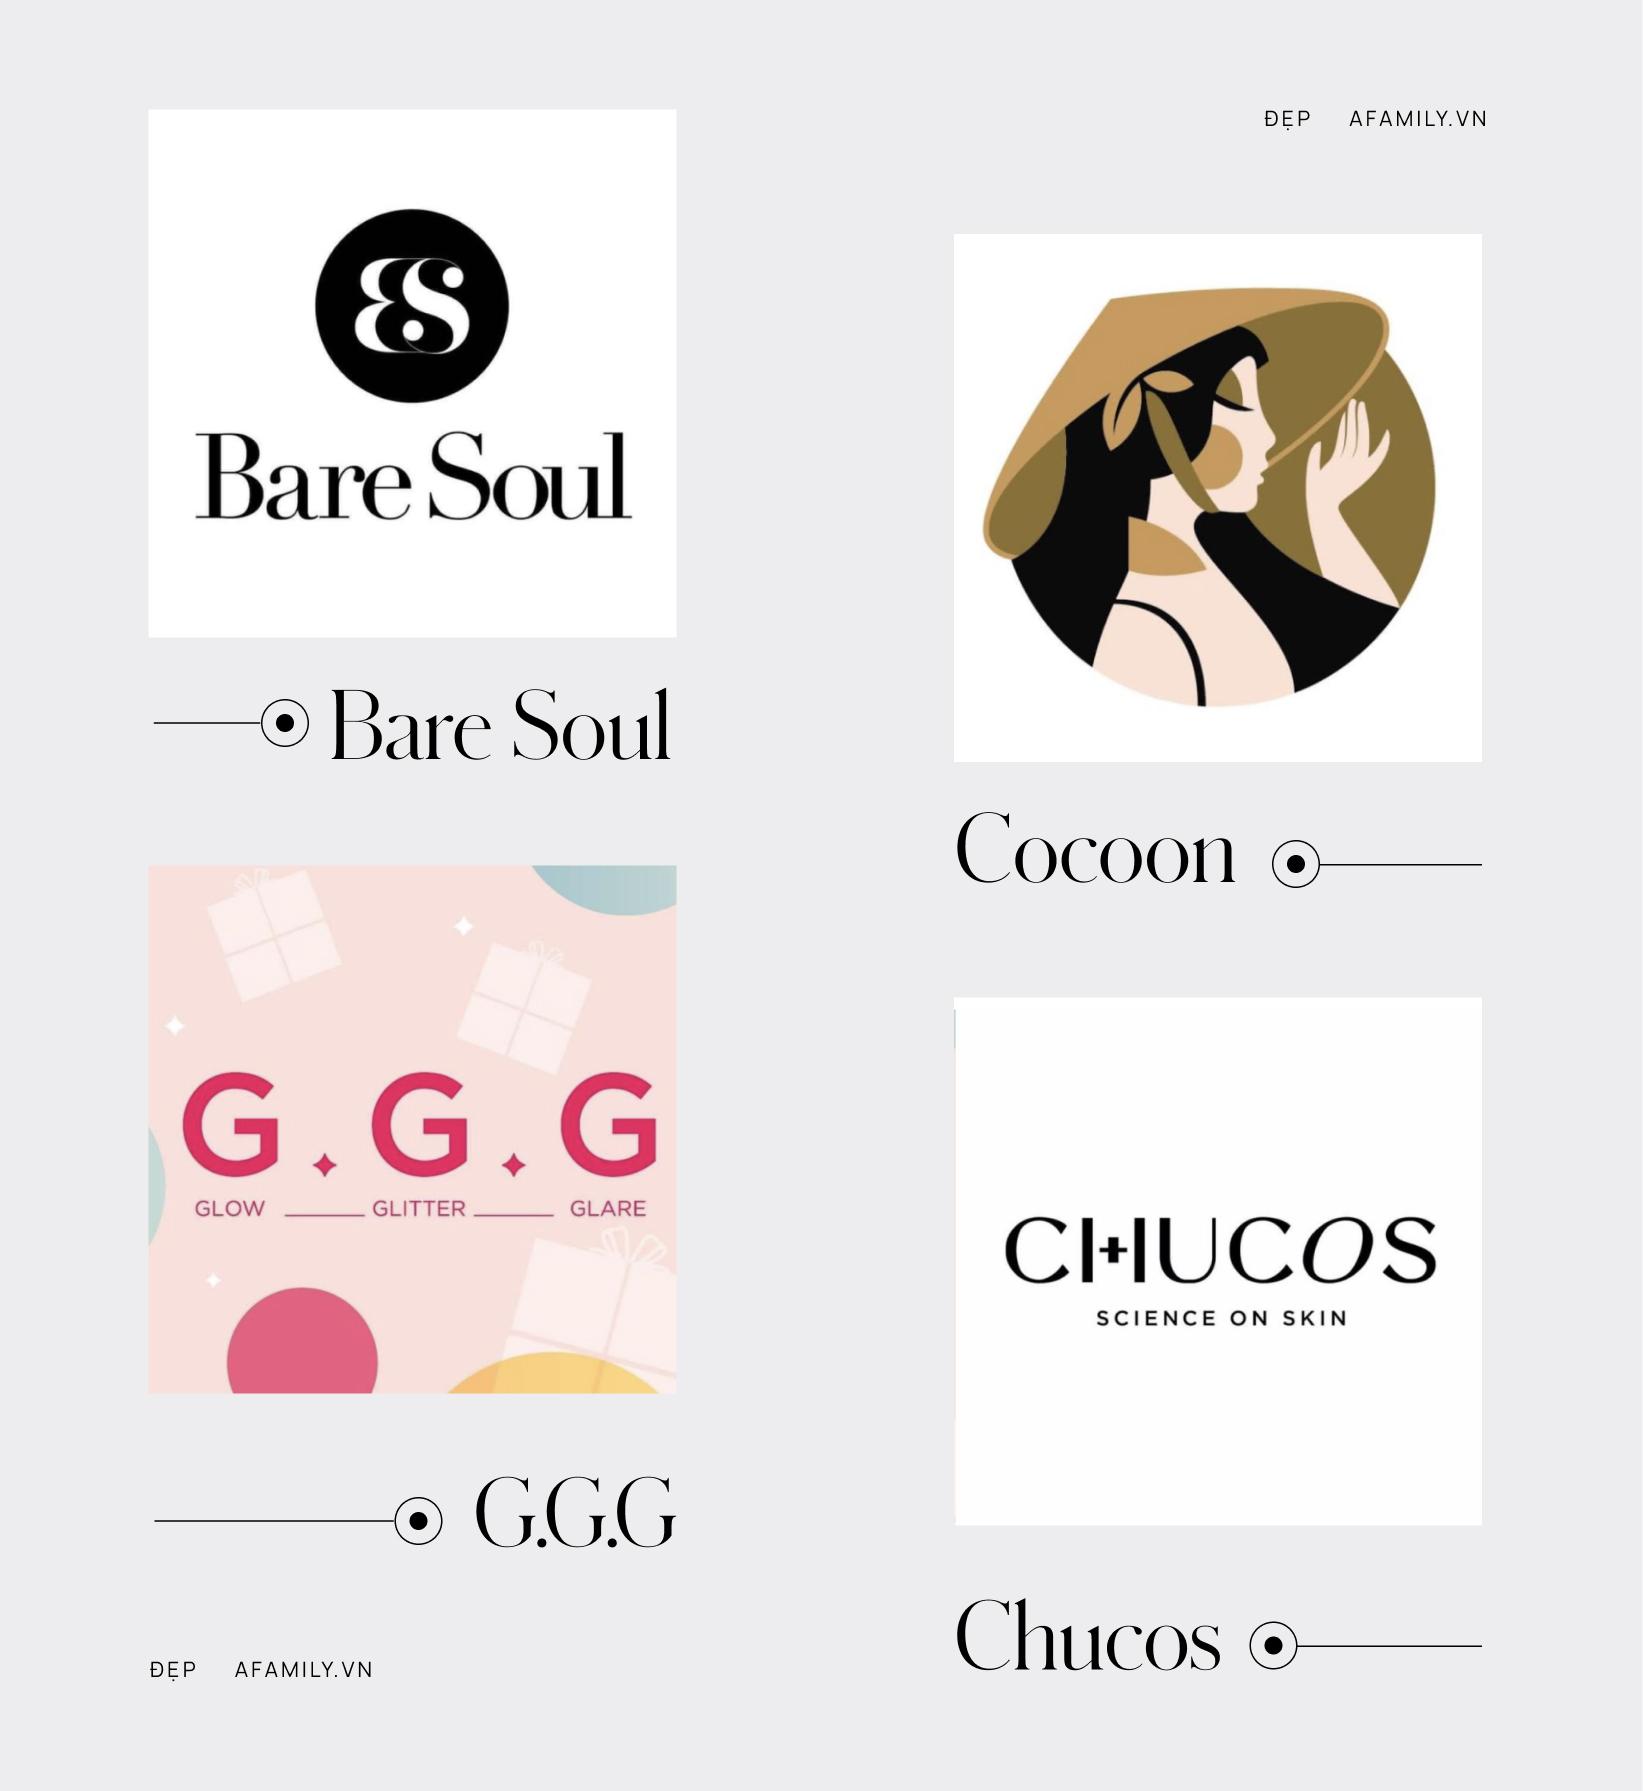 Chucos: Thương hiệu mỹ phẩm Việt không màu mè hoa lá nhưng khẳng định chất lượng từ bên trong - Ảnh 1.